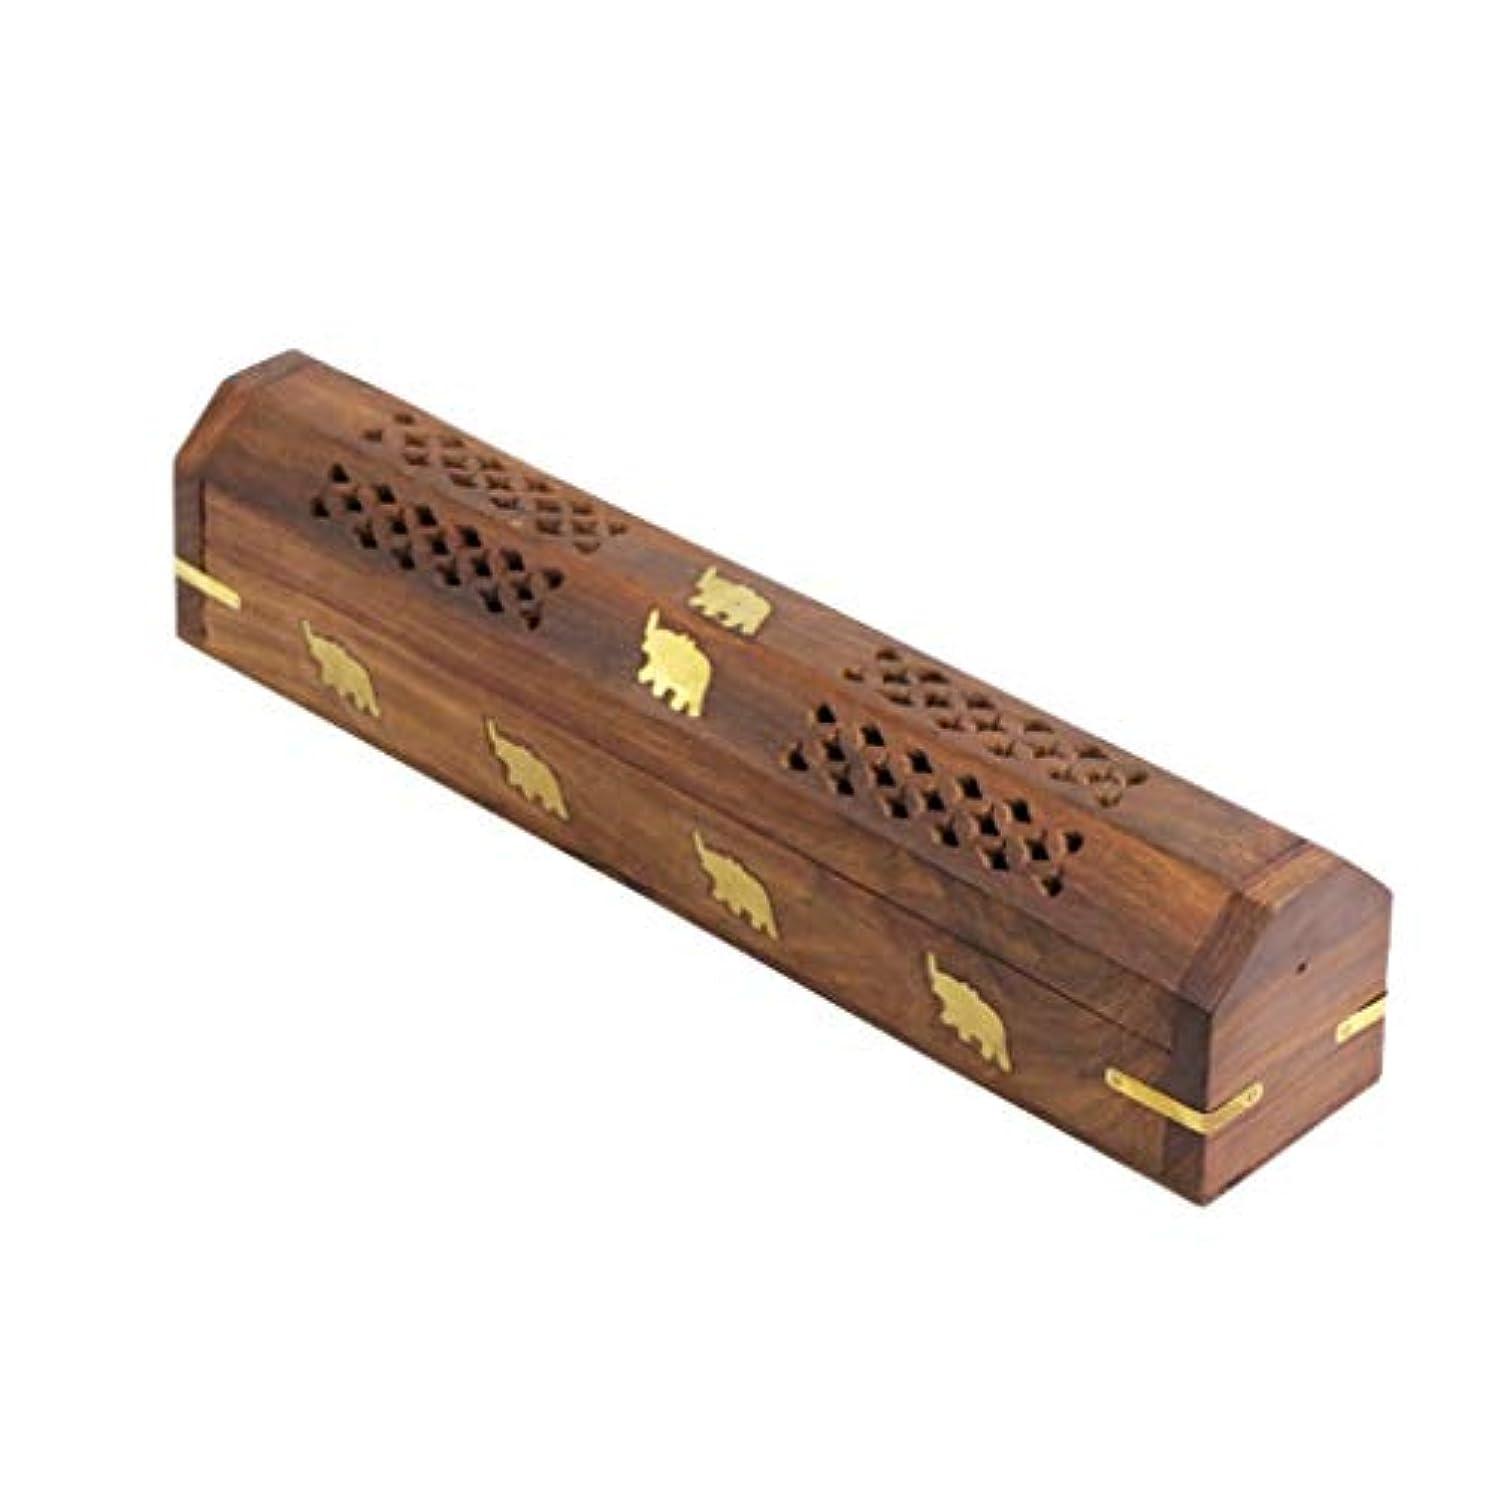 上回る海外でポジティブ木製香ホルダーブラウン香スティックバーナーホルダーアッシュキャッチャーホームフレグランス装飾品香炉 (Color : Brown, サイズ : 12*2.2*2.36inchs)